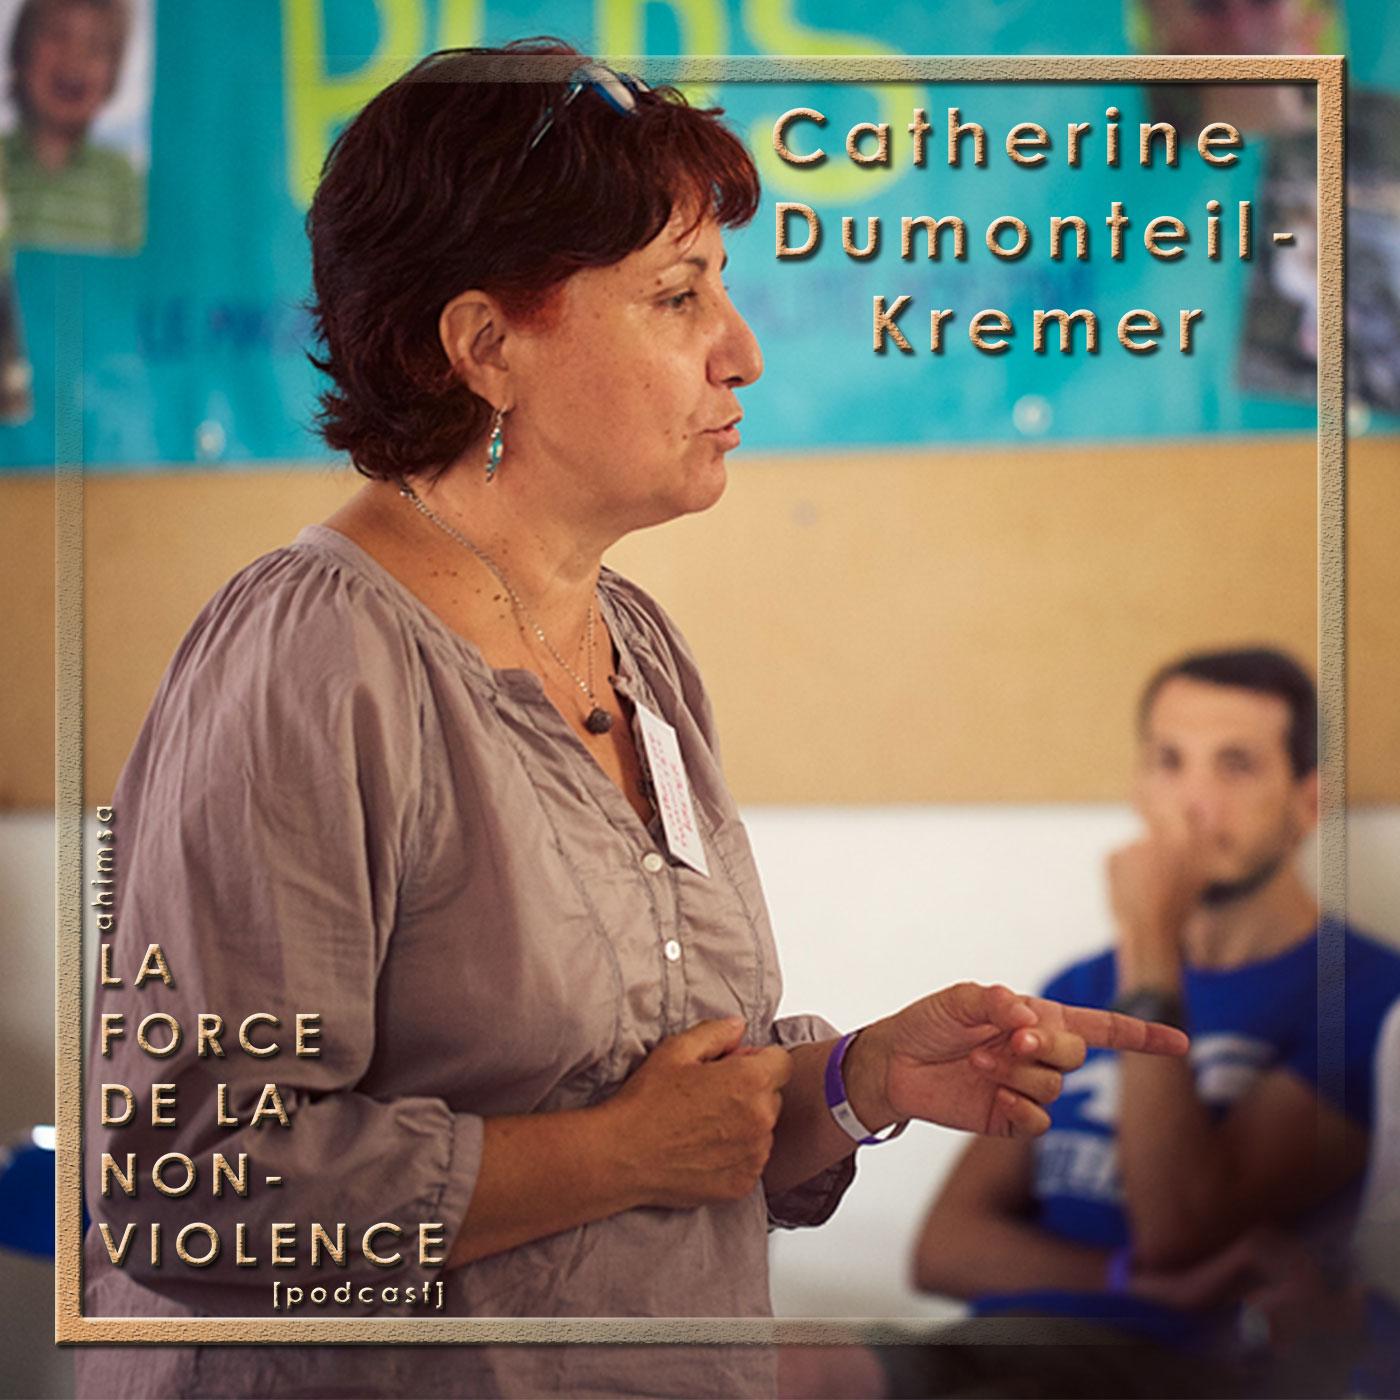 Catherine Dumonteil-Kremer - podcast - La Force de la Non-violence